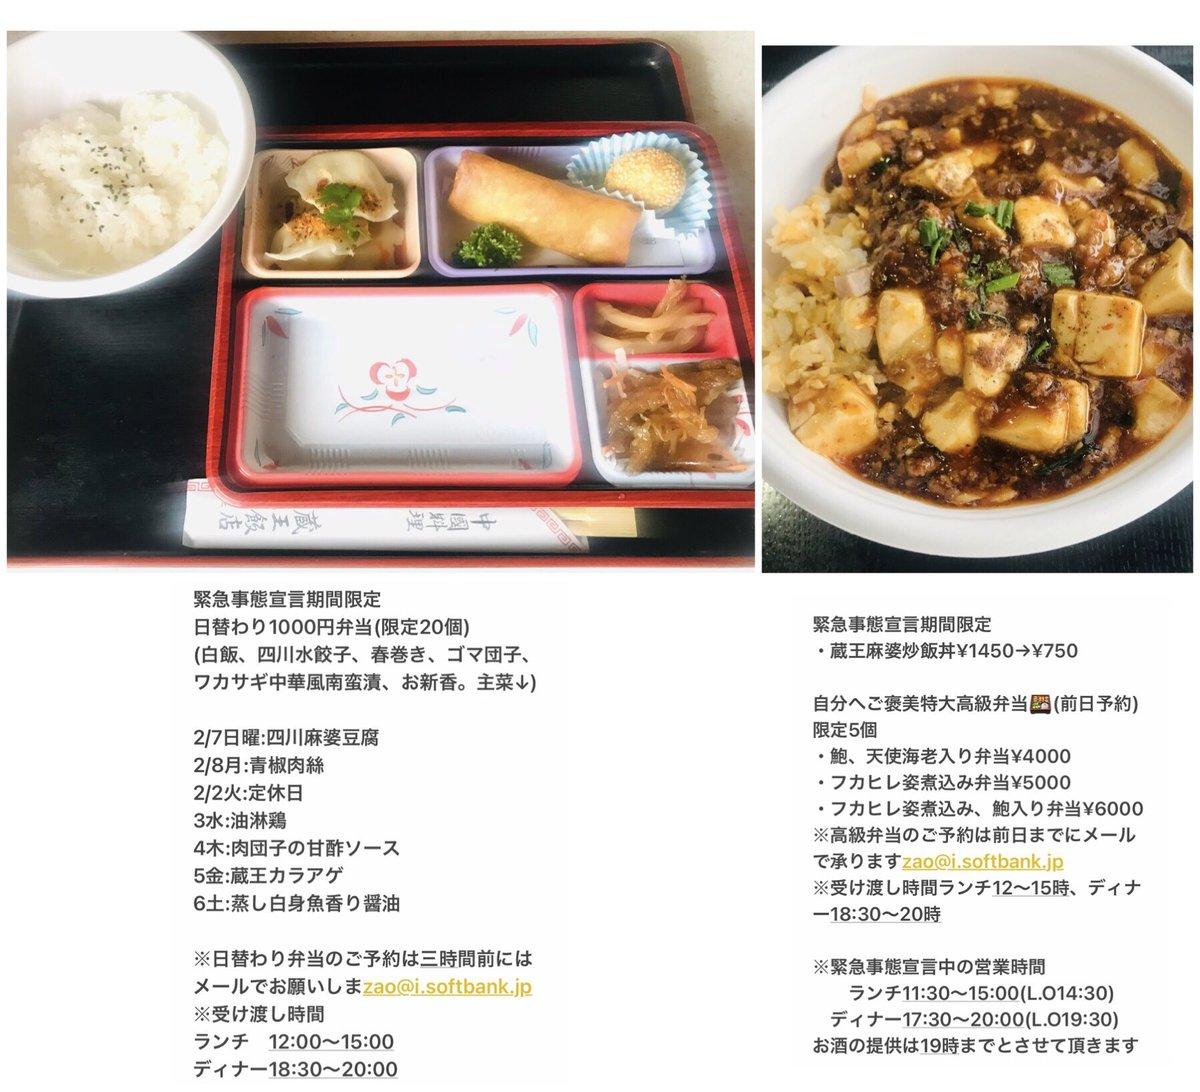 明日木曜日の日替わり弁当は手作り肉団子の甘酢ソース和えです。テイクアウトのご予約はメール(zao@i.softbank.jp)で承ります。